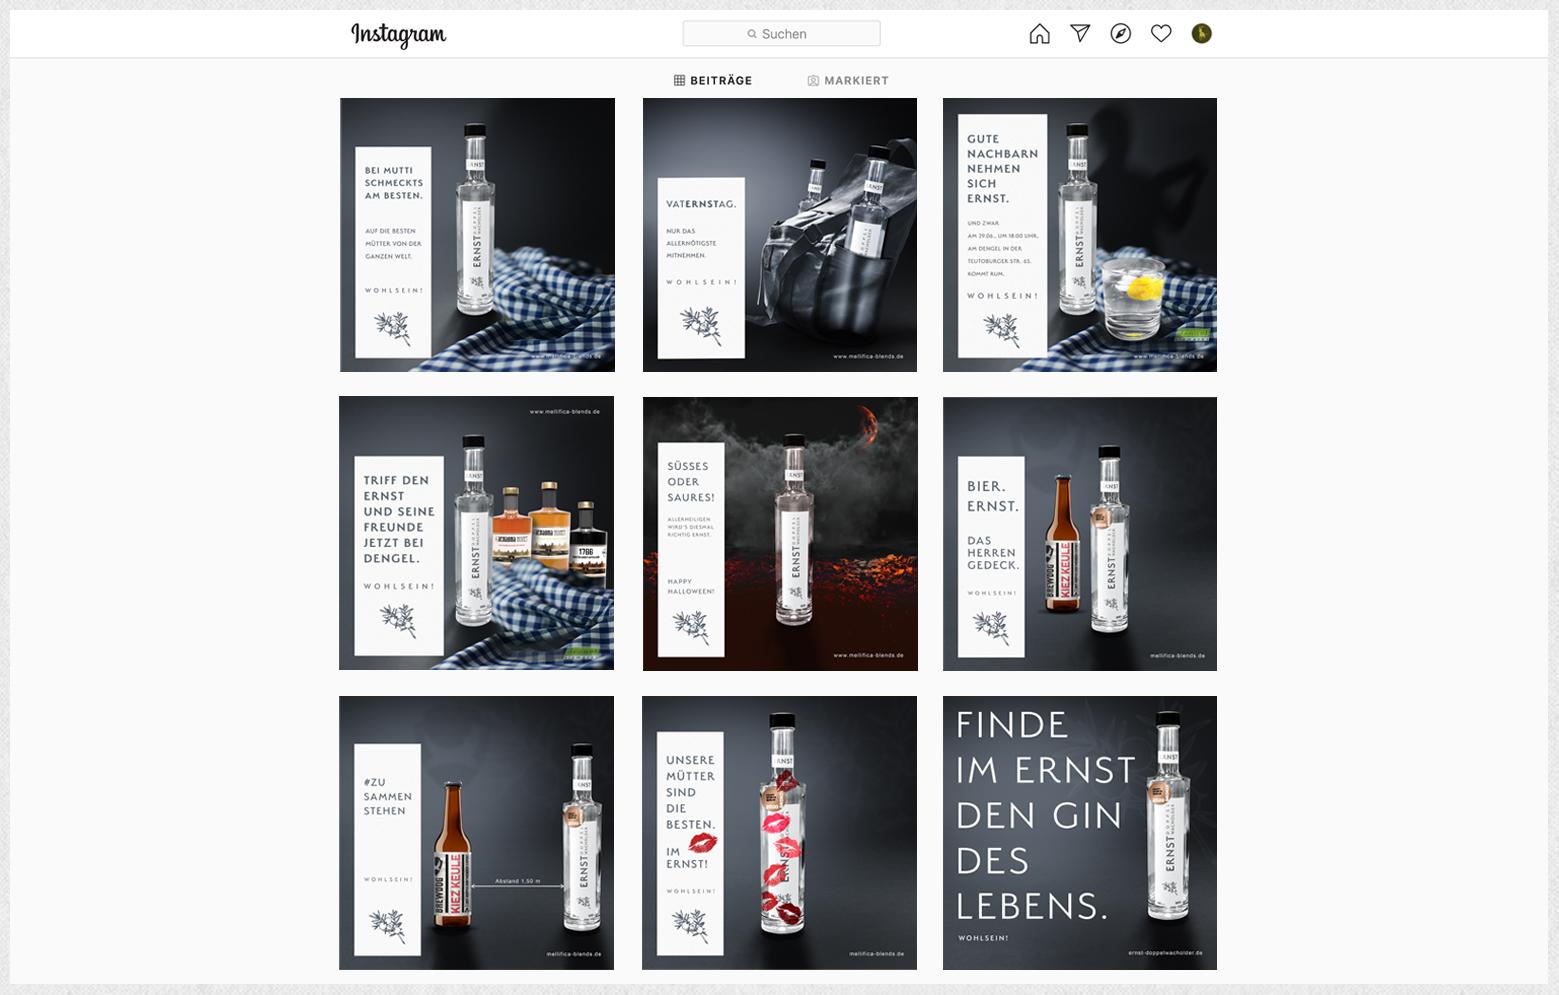 Ernst Instagram zweite Postings